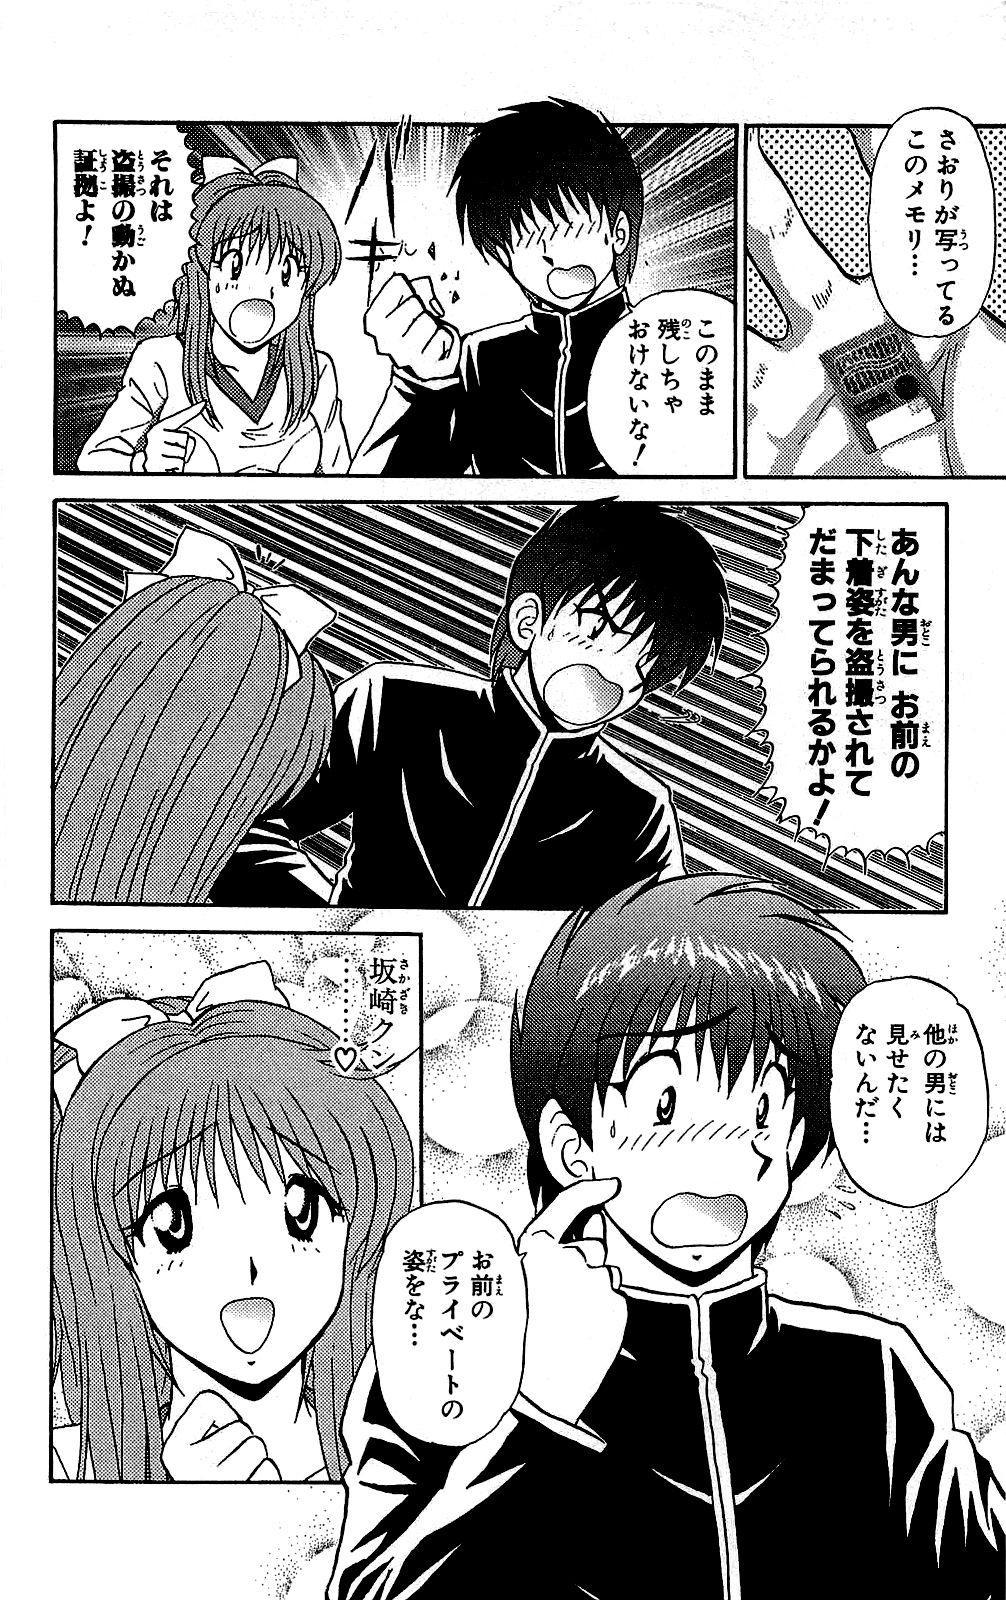 Miracle Make Yuuji 194